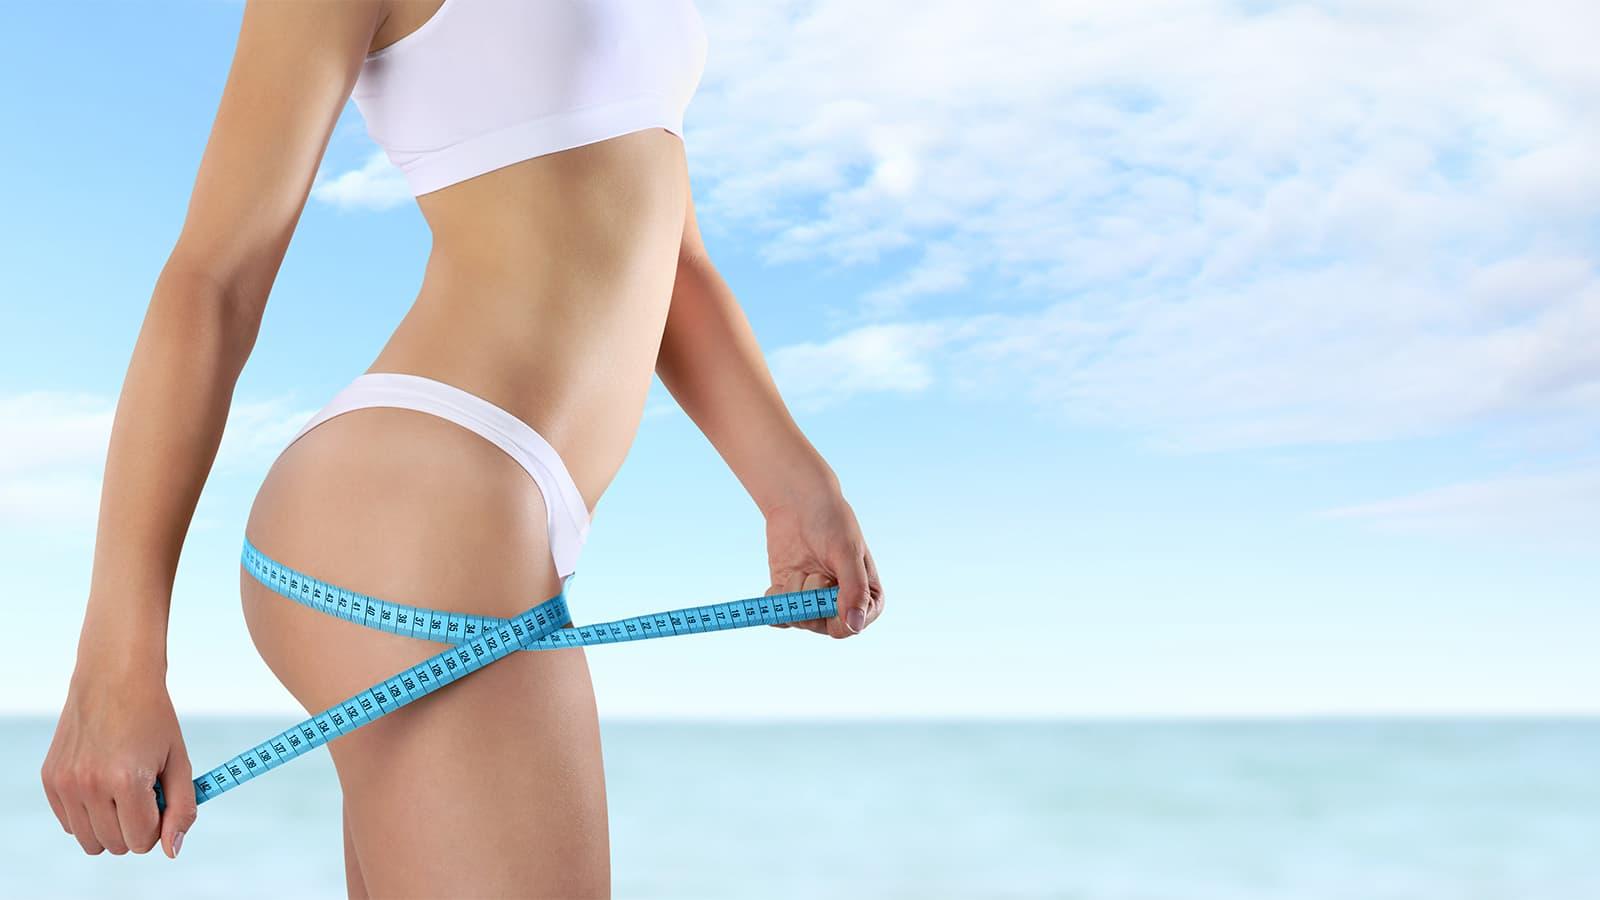 Új technológiák a fogyásban és az alakformálásban (x)